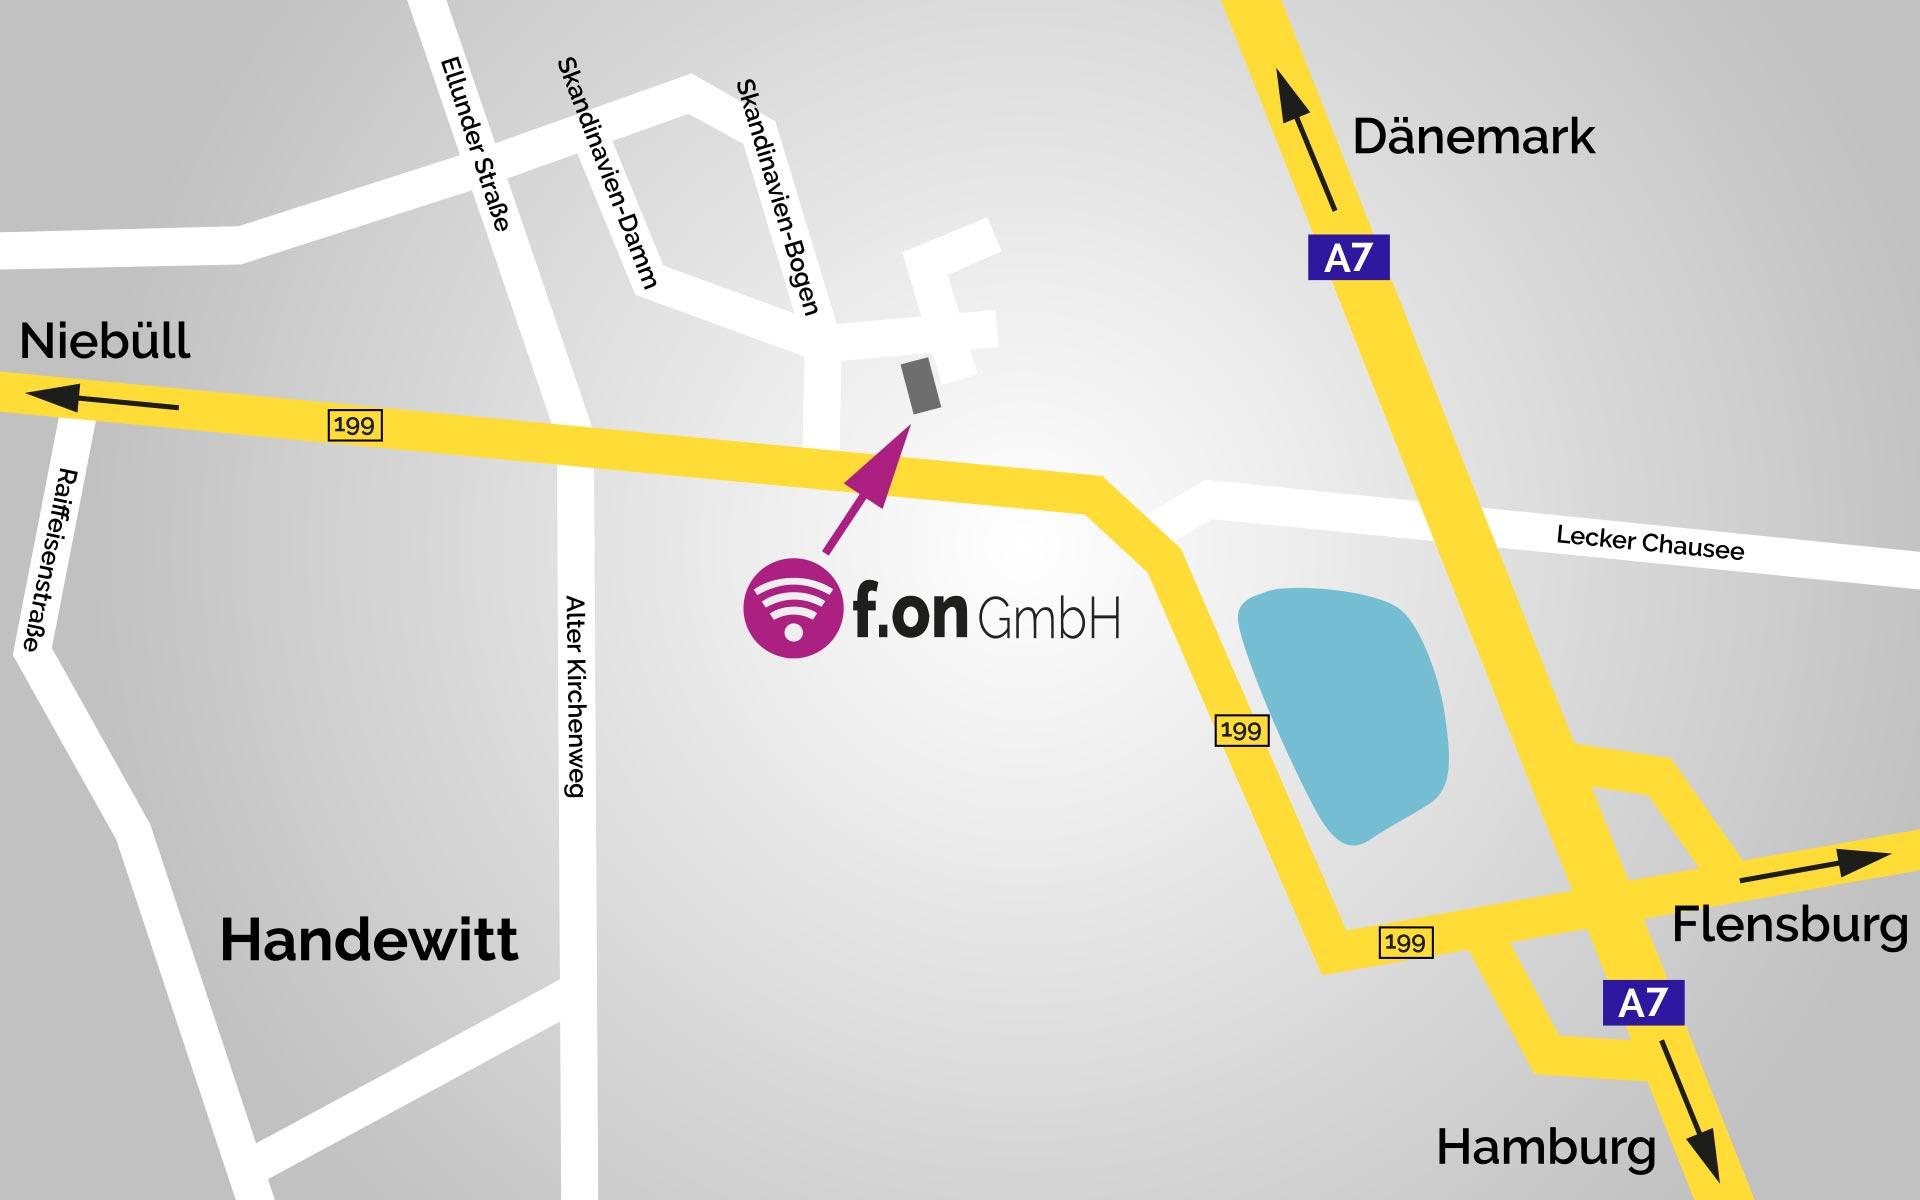 Anfahrtskarte zur f.on GmbH in Handewitt